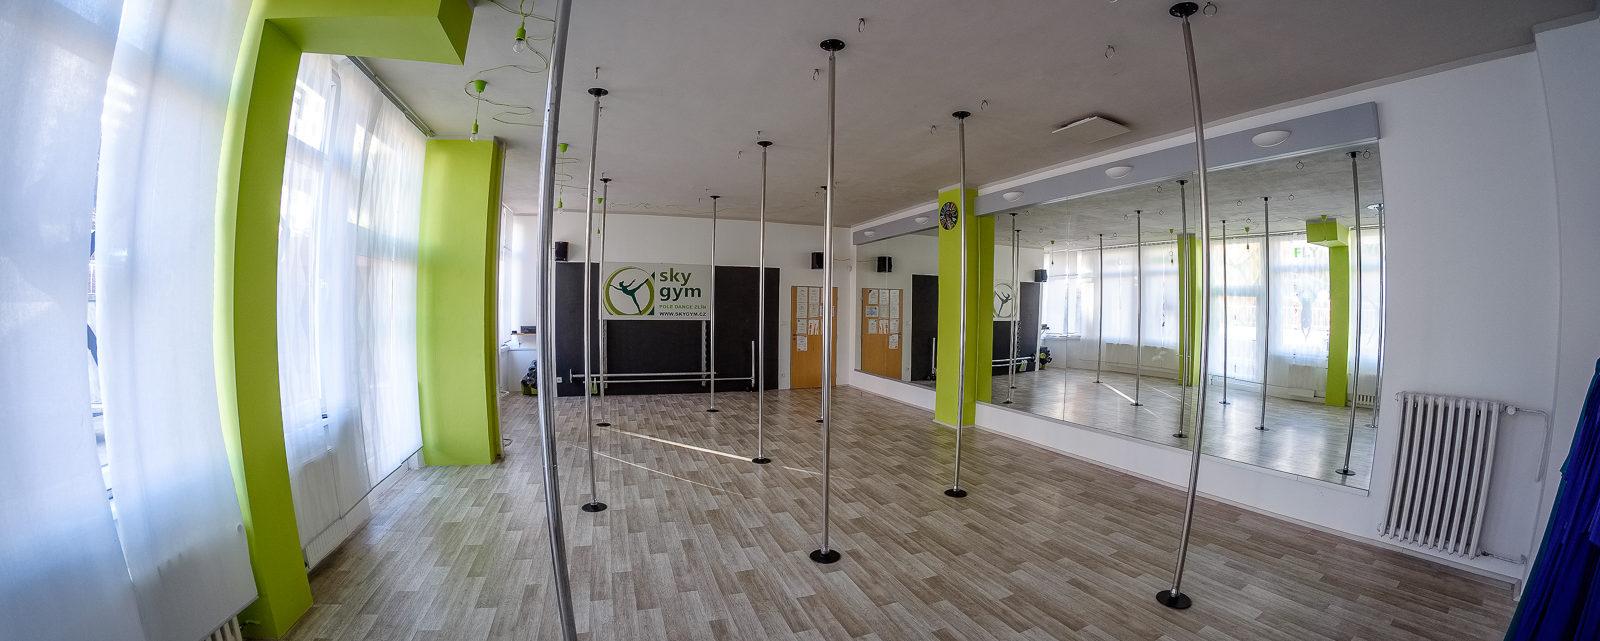 3. Sky Gym